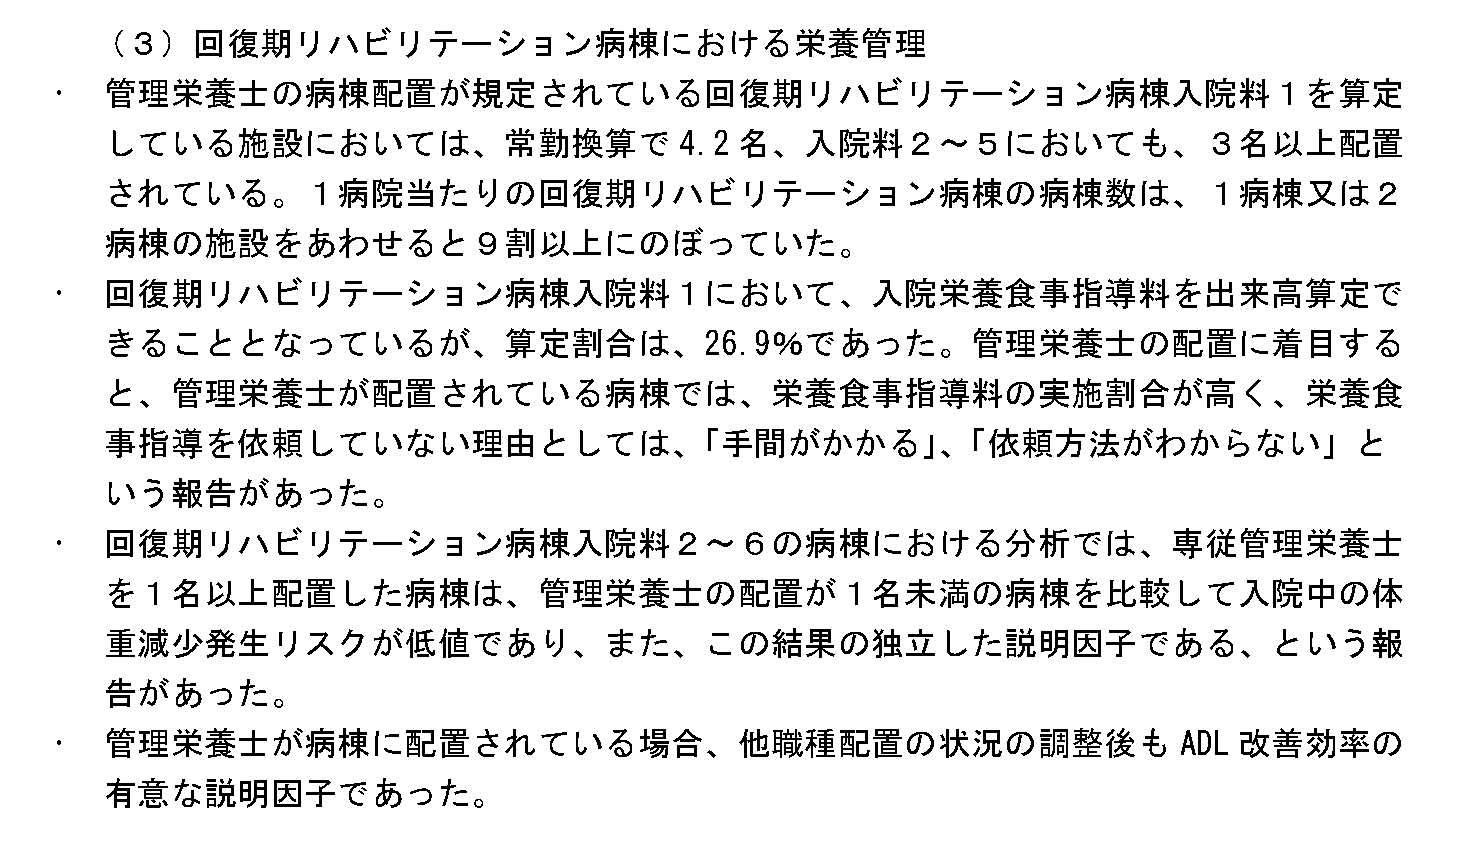 16_【入-2-1】中間とりまとめ案_2021年9月8日の入院分科会